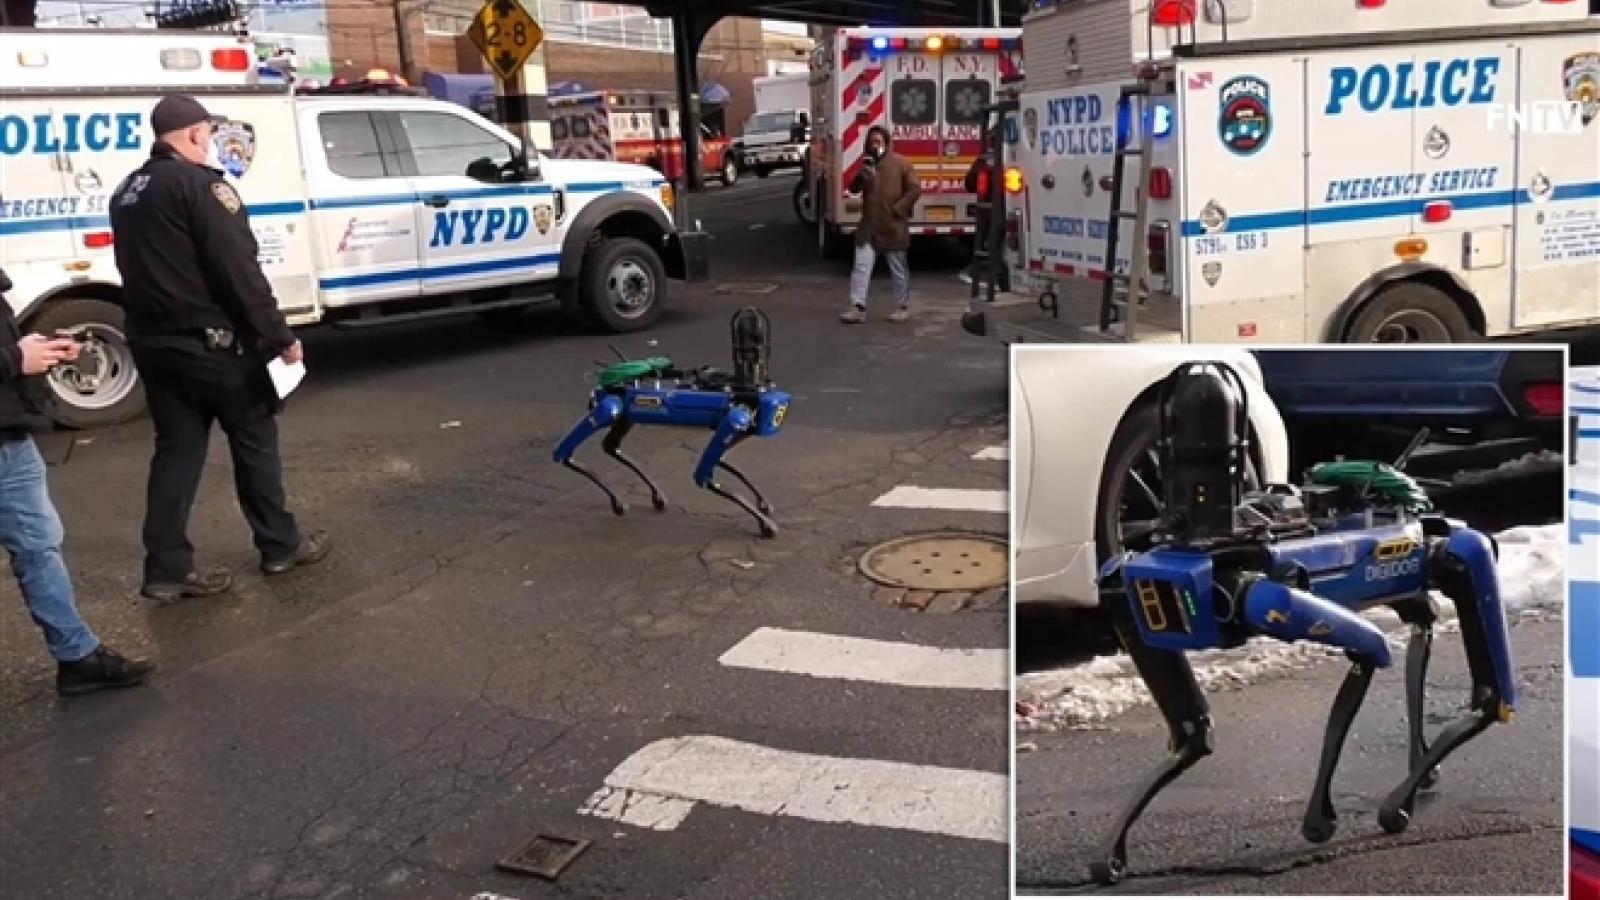 Chó robot tuần tra của cảnh sát bị dư luận phản ứng dữ dội